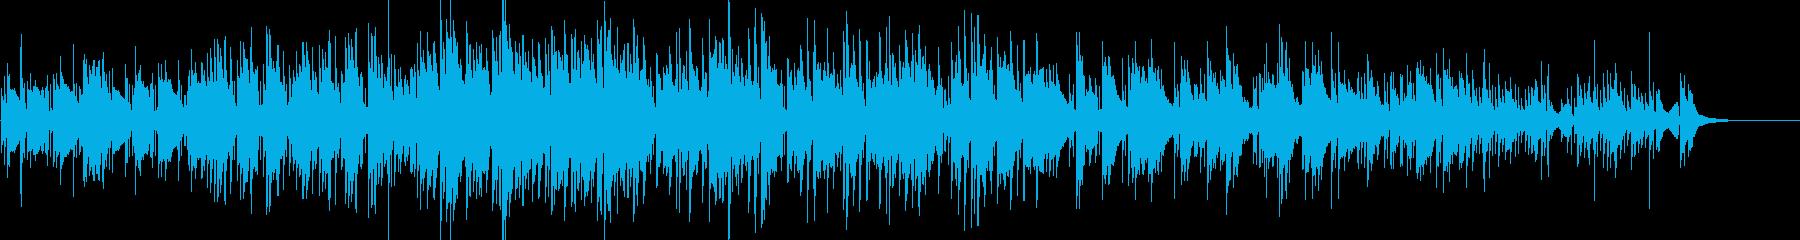 ノスタルジックなピアノインストの再生済みの波形